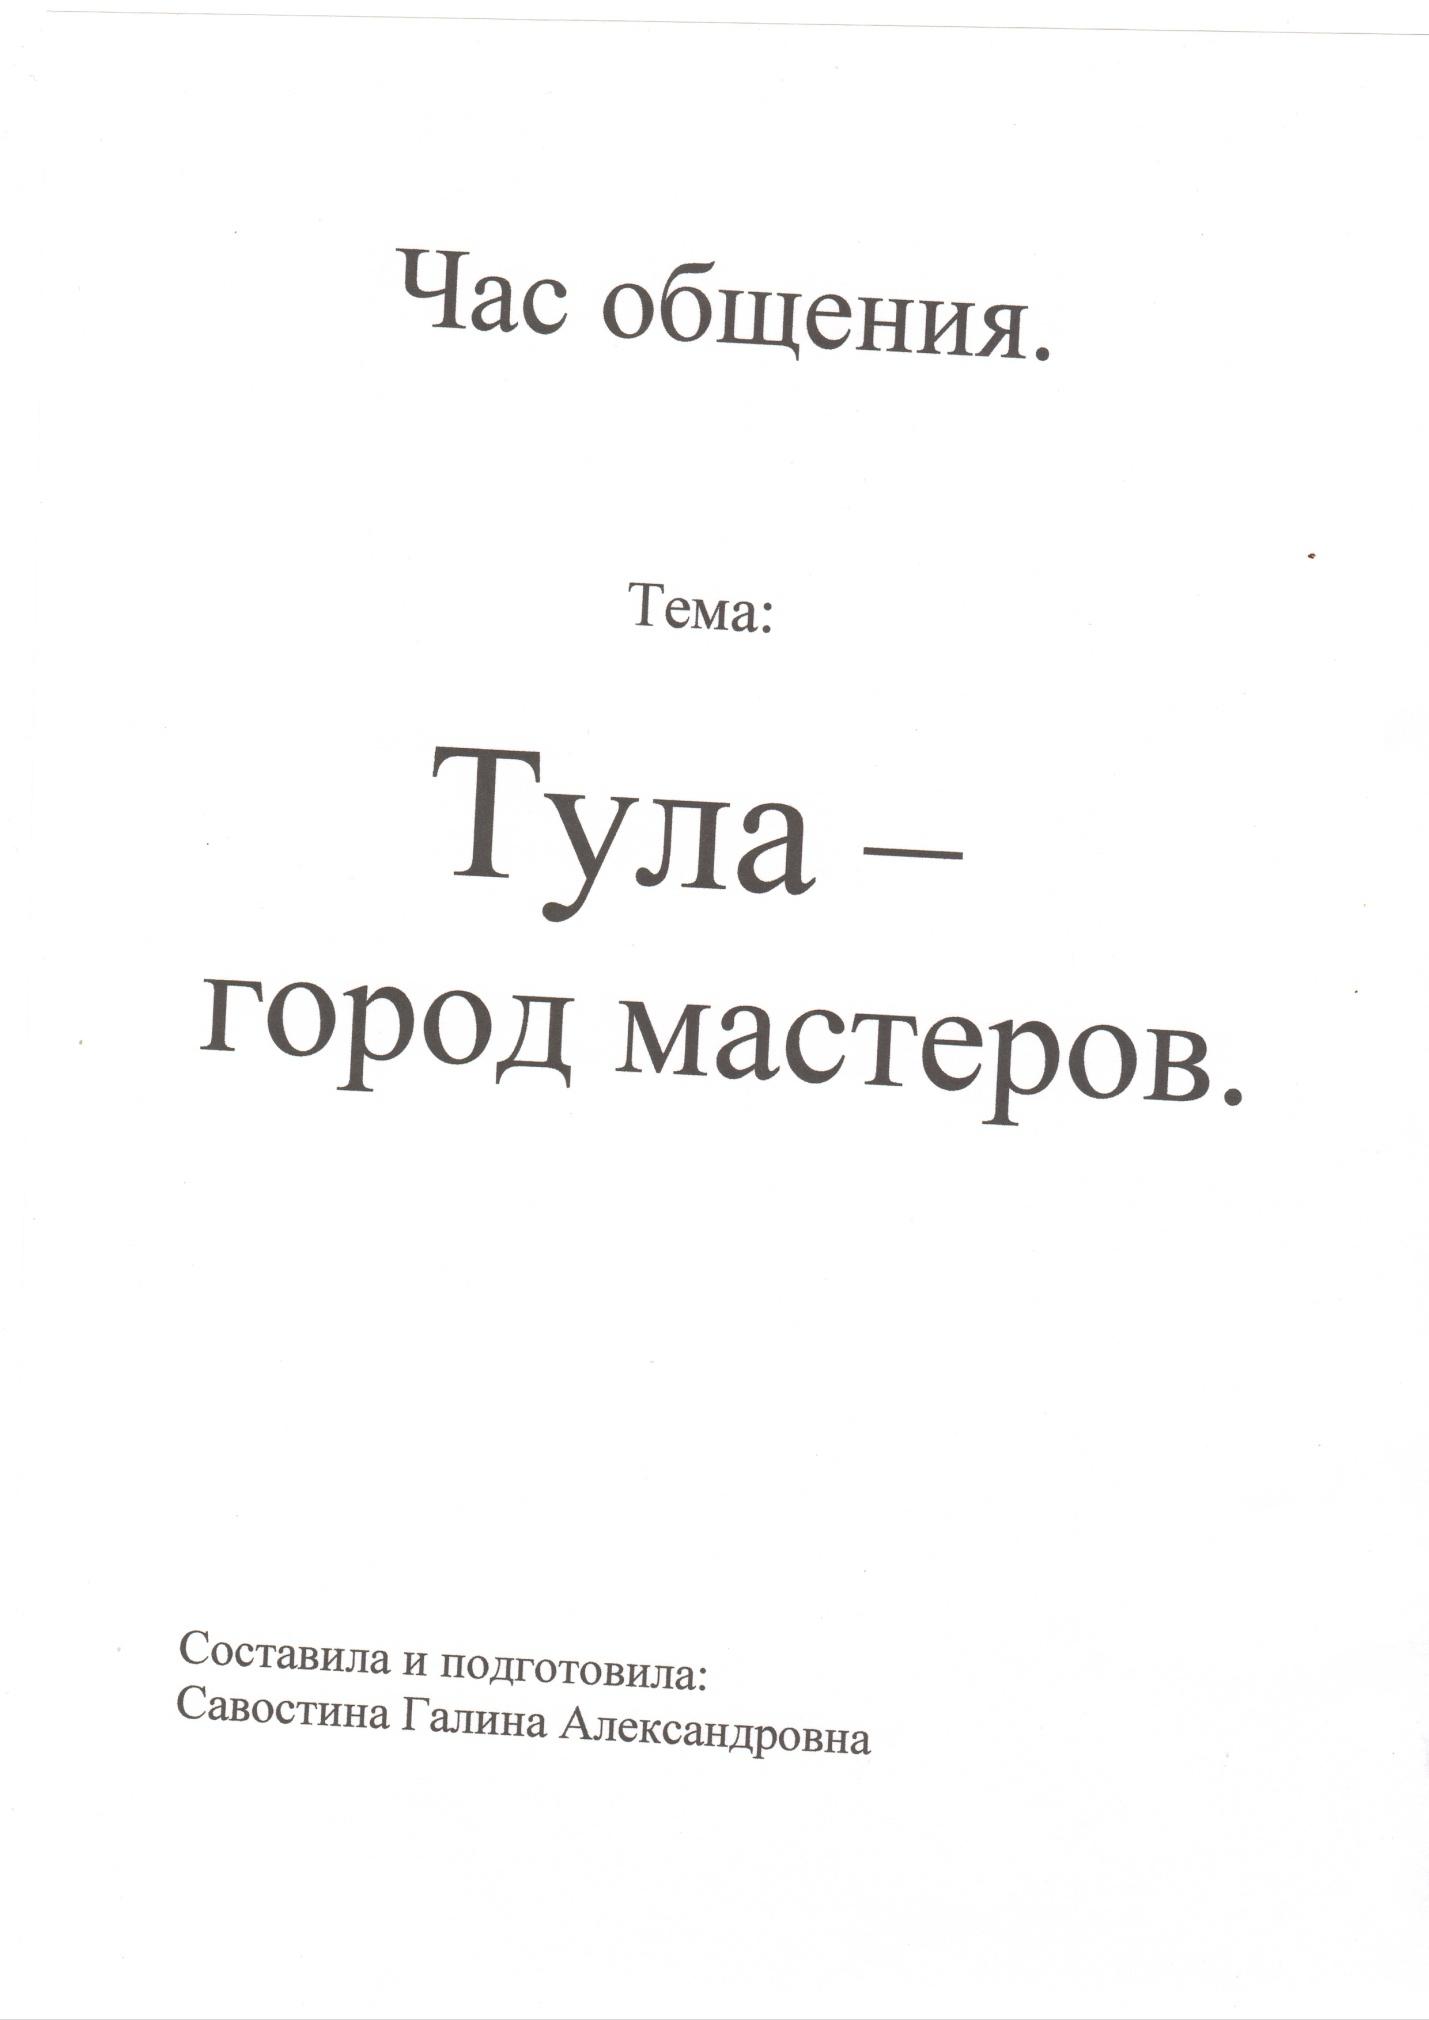 D:\Фото\ГОРОД МАСТЕРОВ-ТУЛА\02.JPG